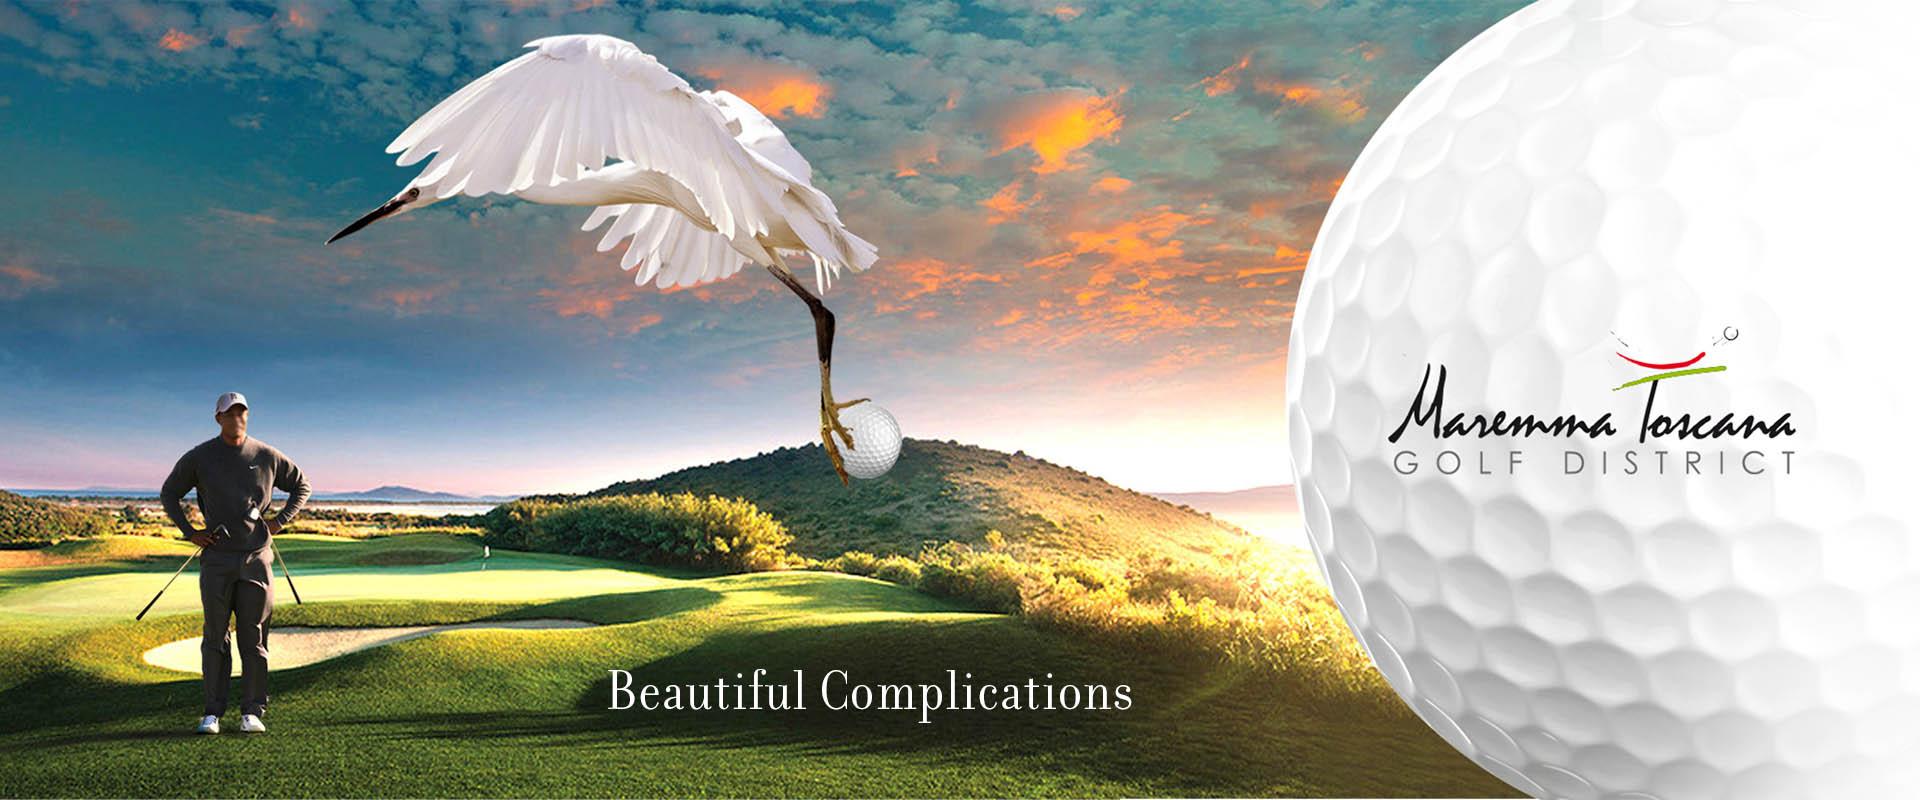 aironic_comunicazione_grosseto_visual_golf